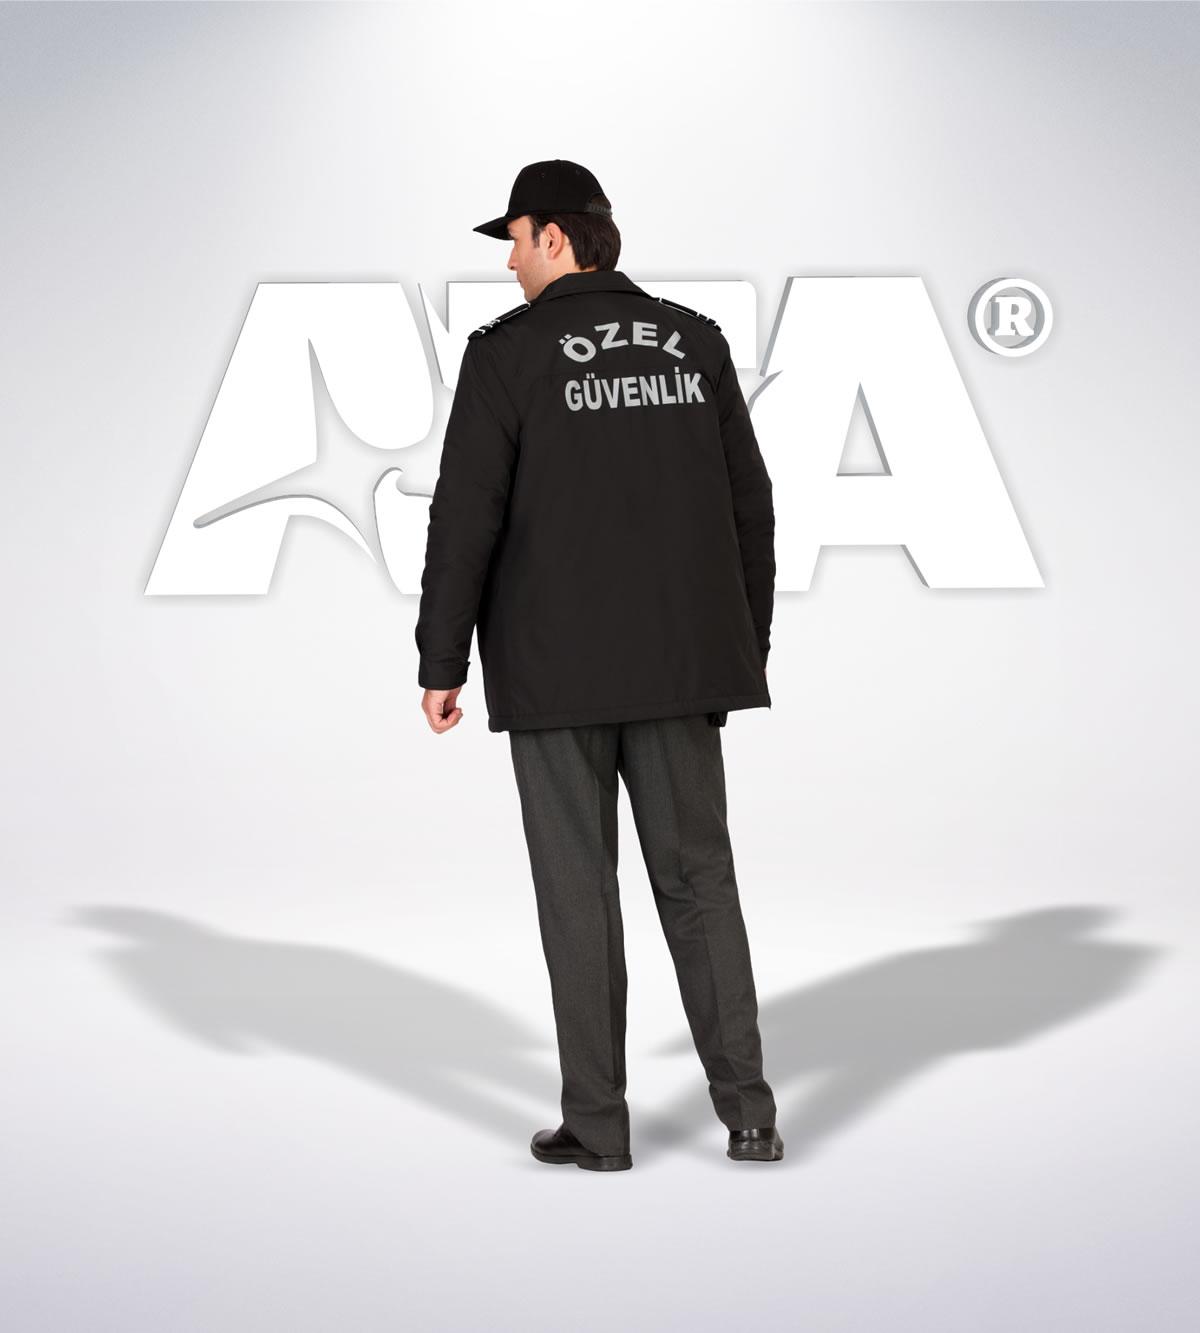 ATA 160 - arka - Pantolon kışlık - mont - aksesuar reflektör - güvenlik elbiseleri | güvenlik üniformaları | güvenlik kıyafetleri